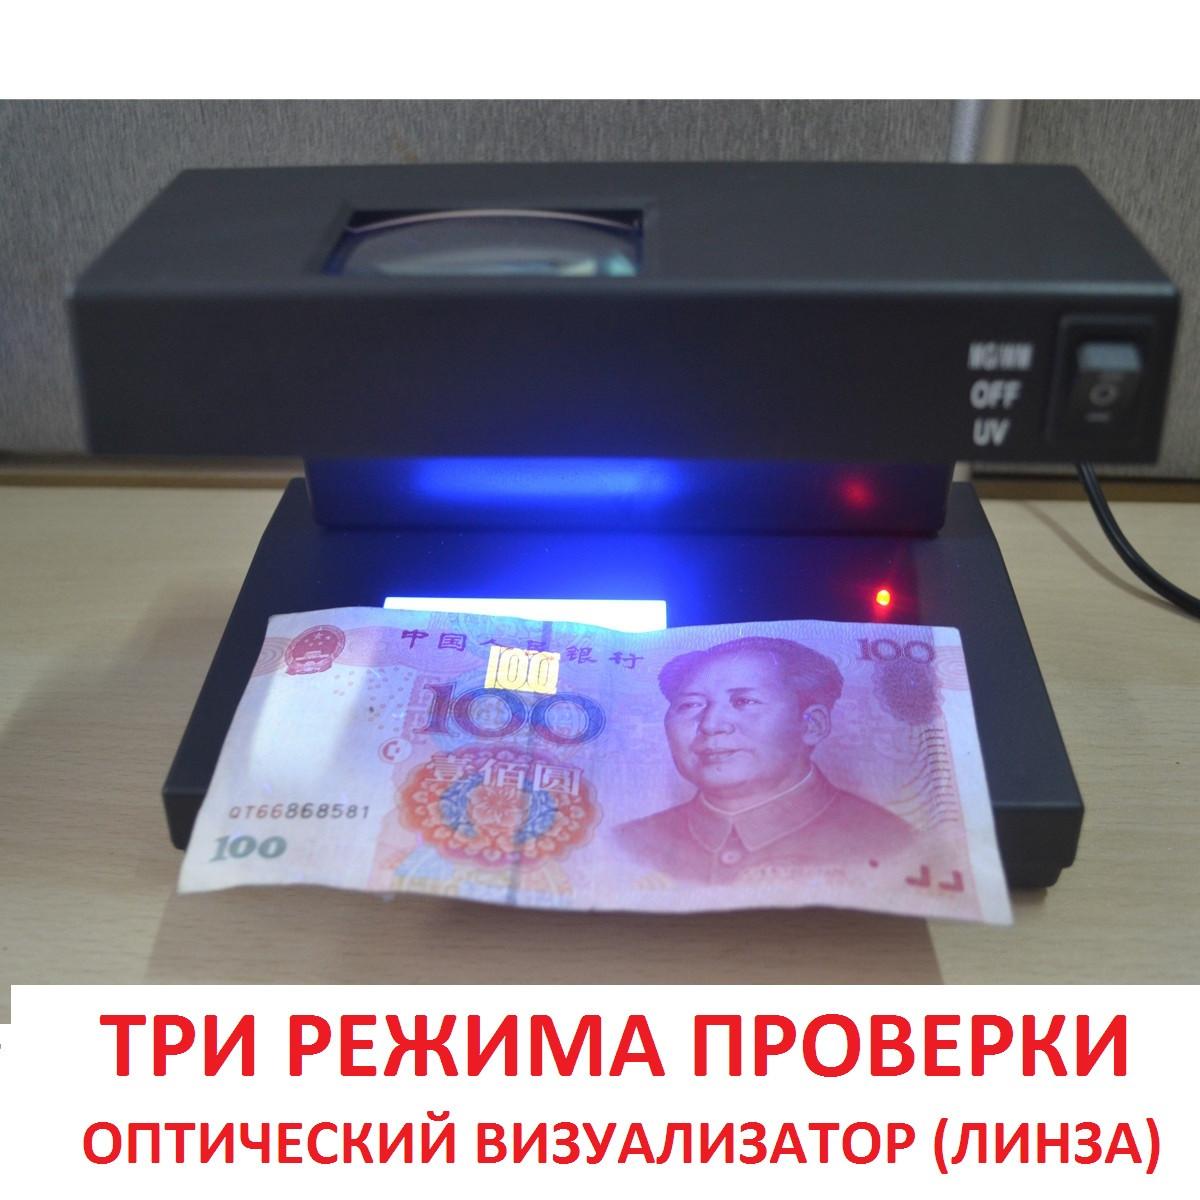 Ультрафіолетовий Детектор валют з лінзою (візуалізатор). Три режими перевірки.